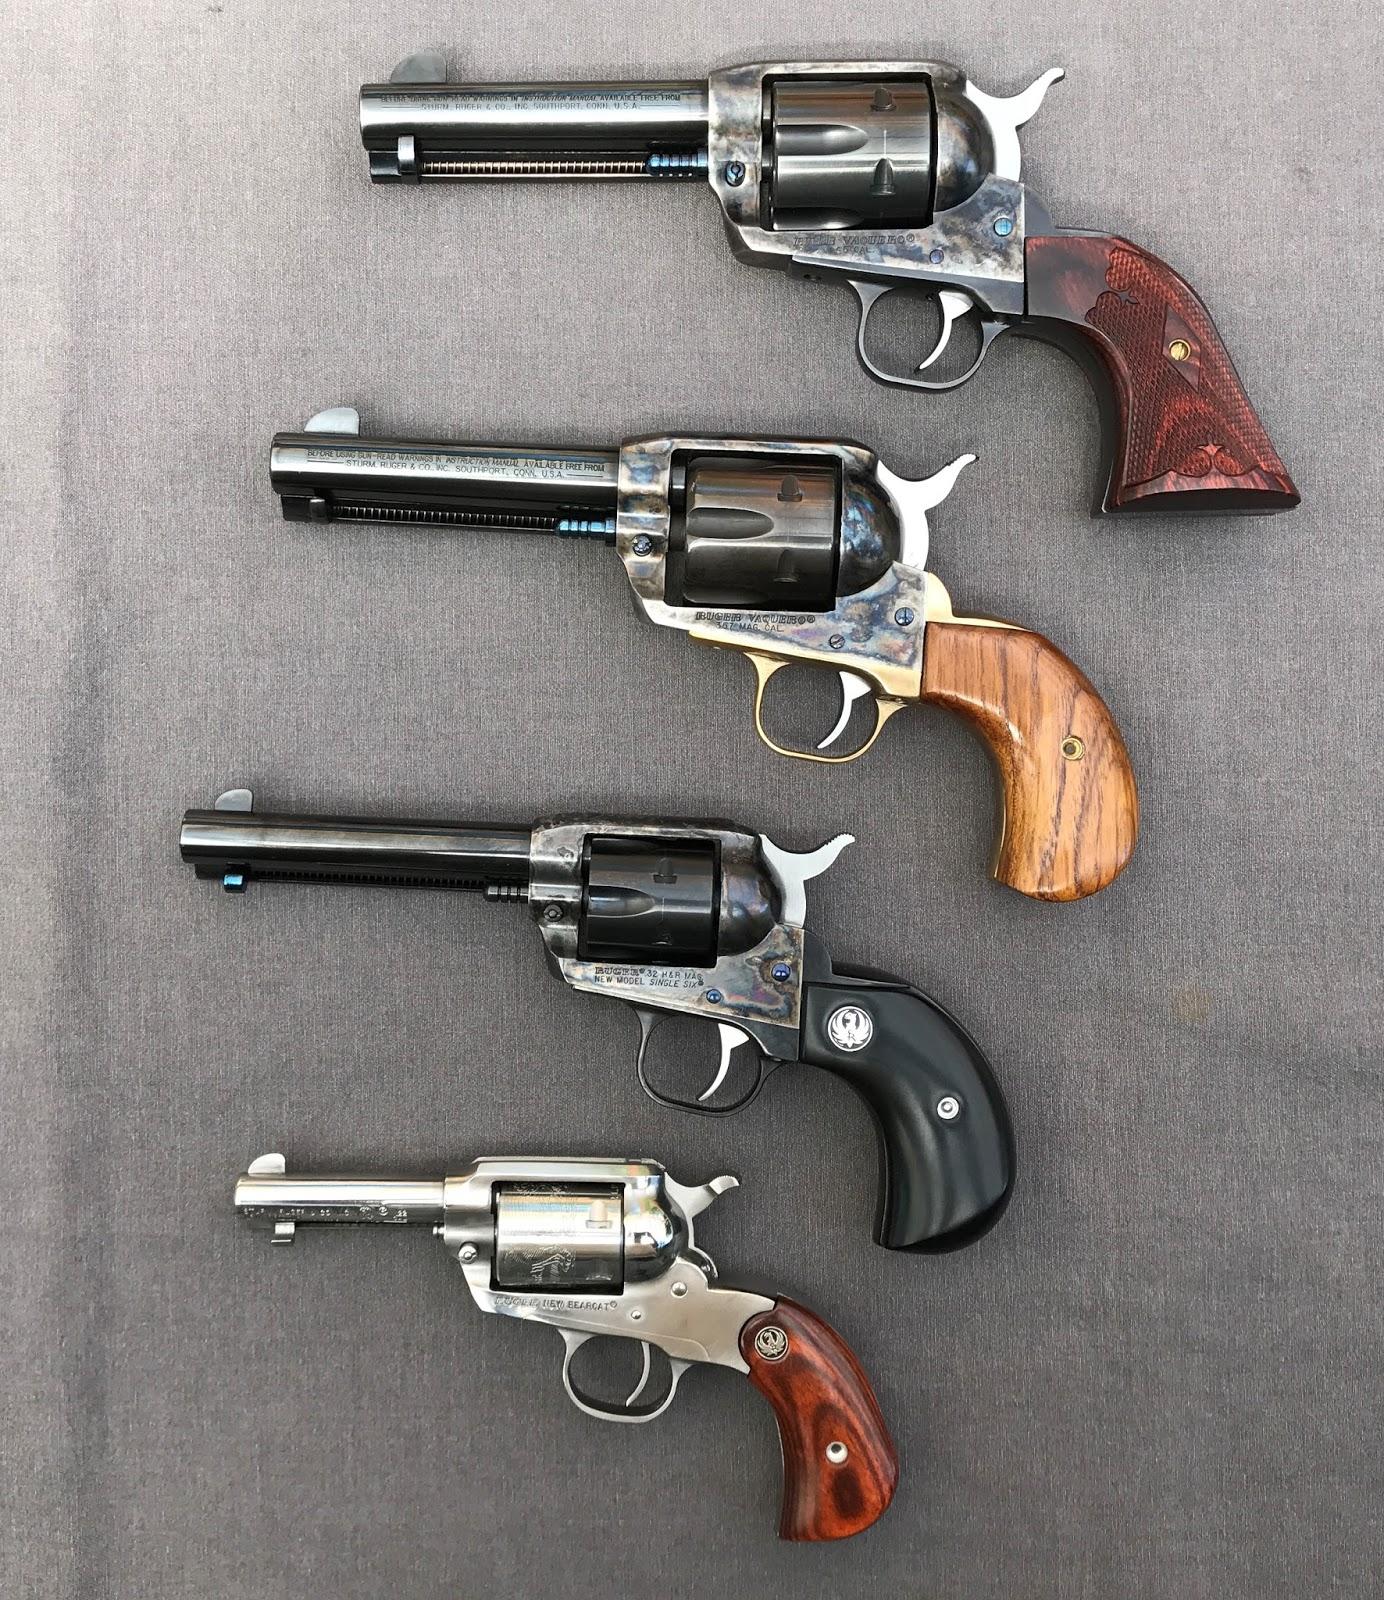 TINCANBANDIT's Gunsmithing: Cowboy Guns